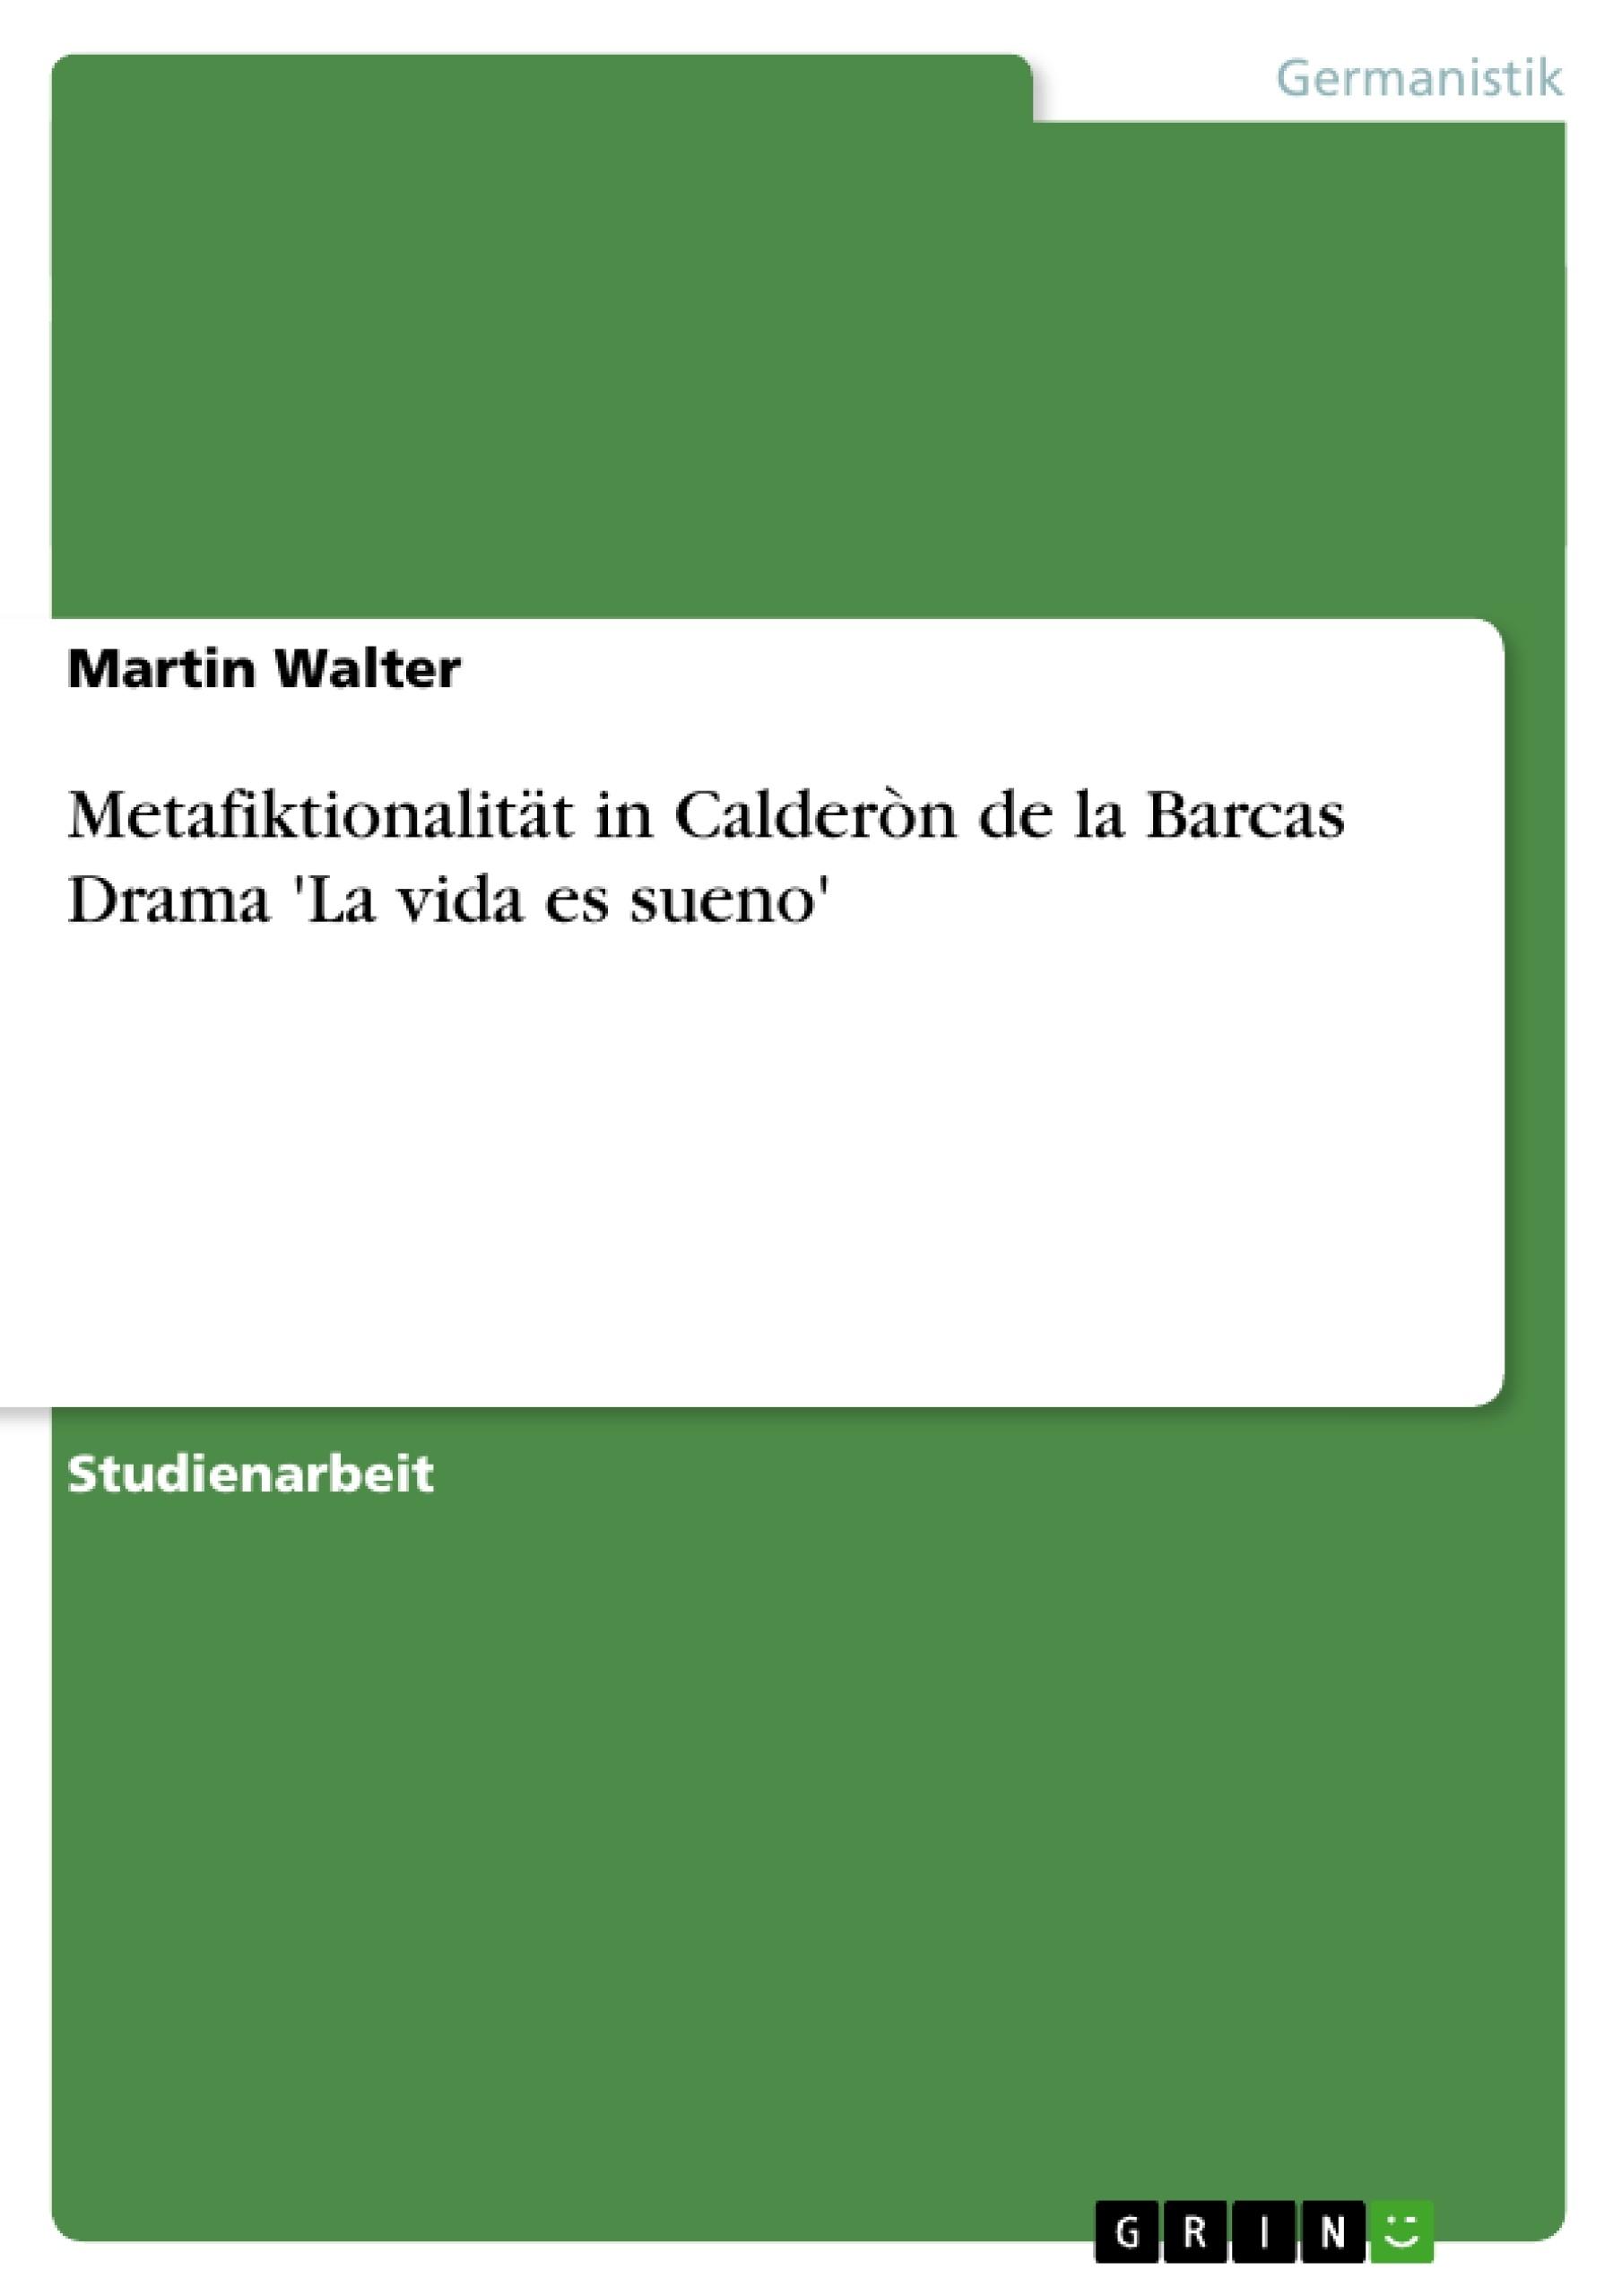 Titel: Metafiktionalität in Calderòn de la Barcas Drama 'La vida es sueno'